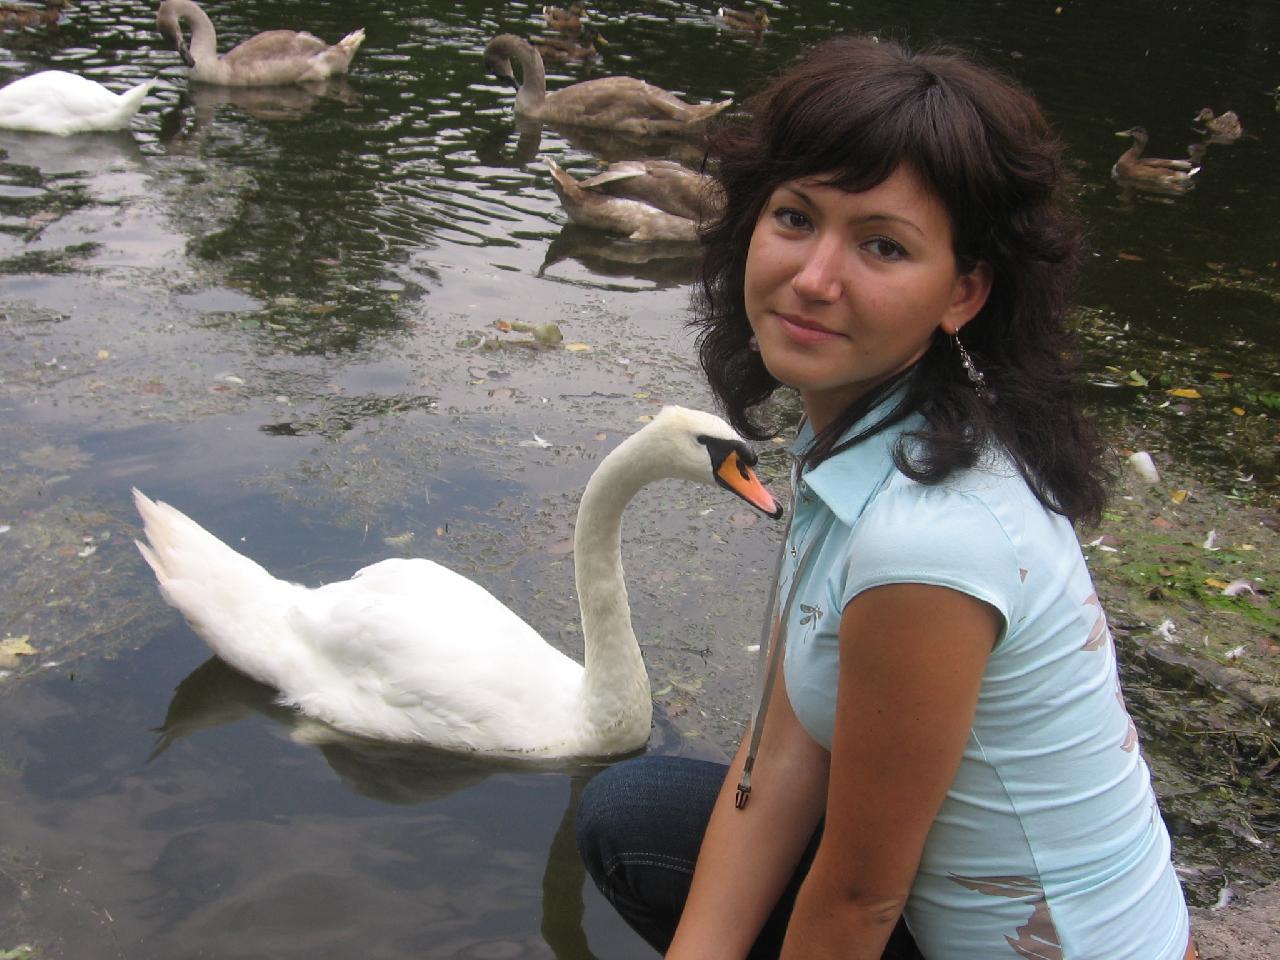 Интересные места для отдыха на природе в Москве и Московской области